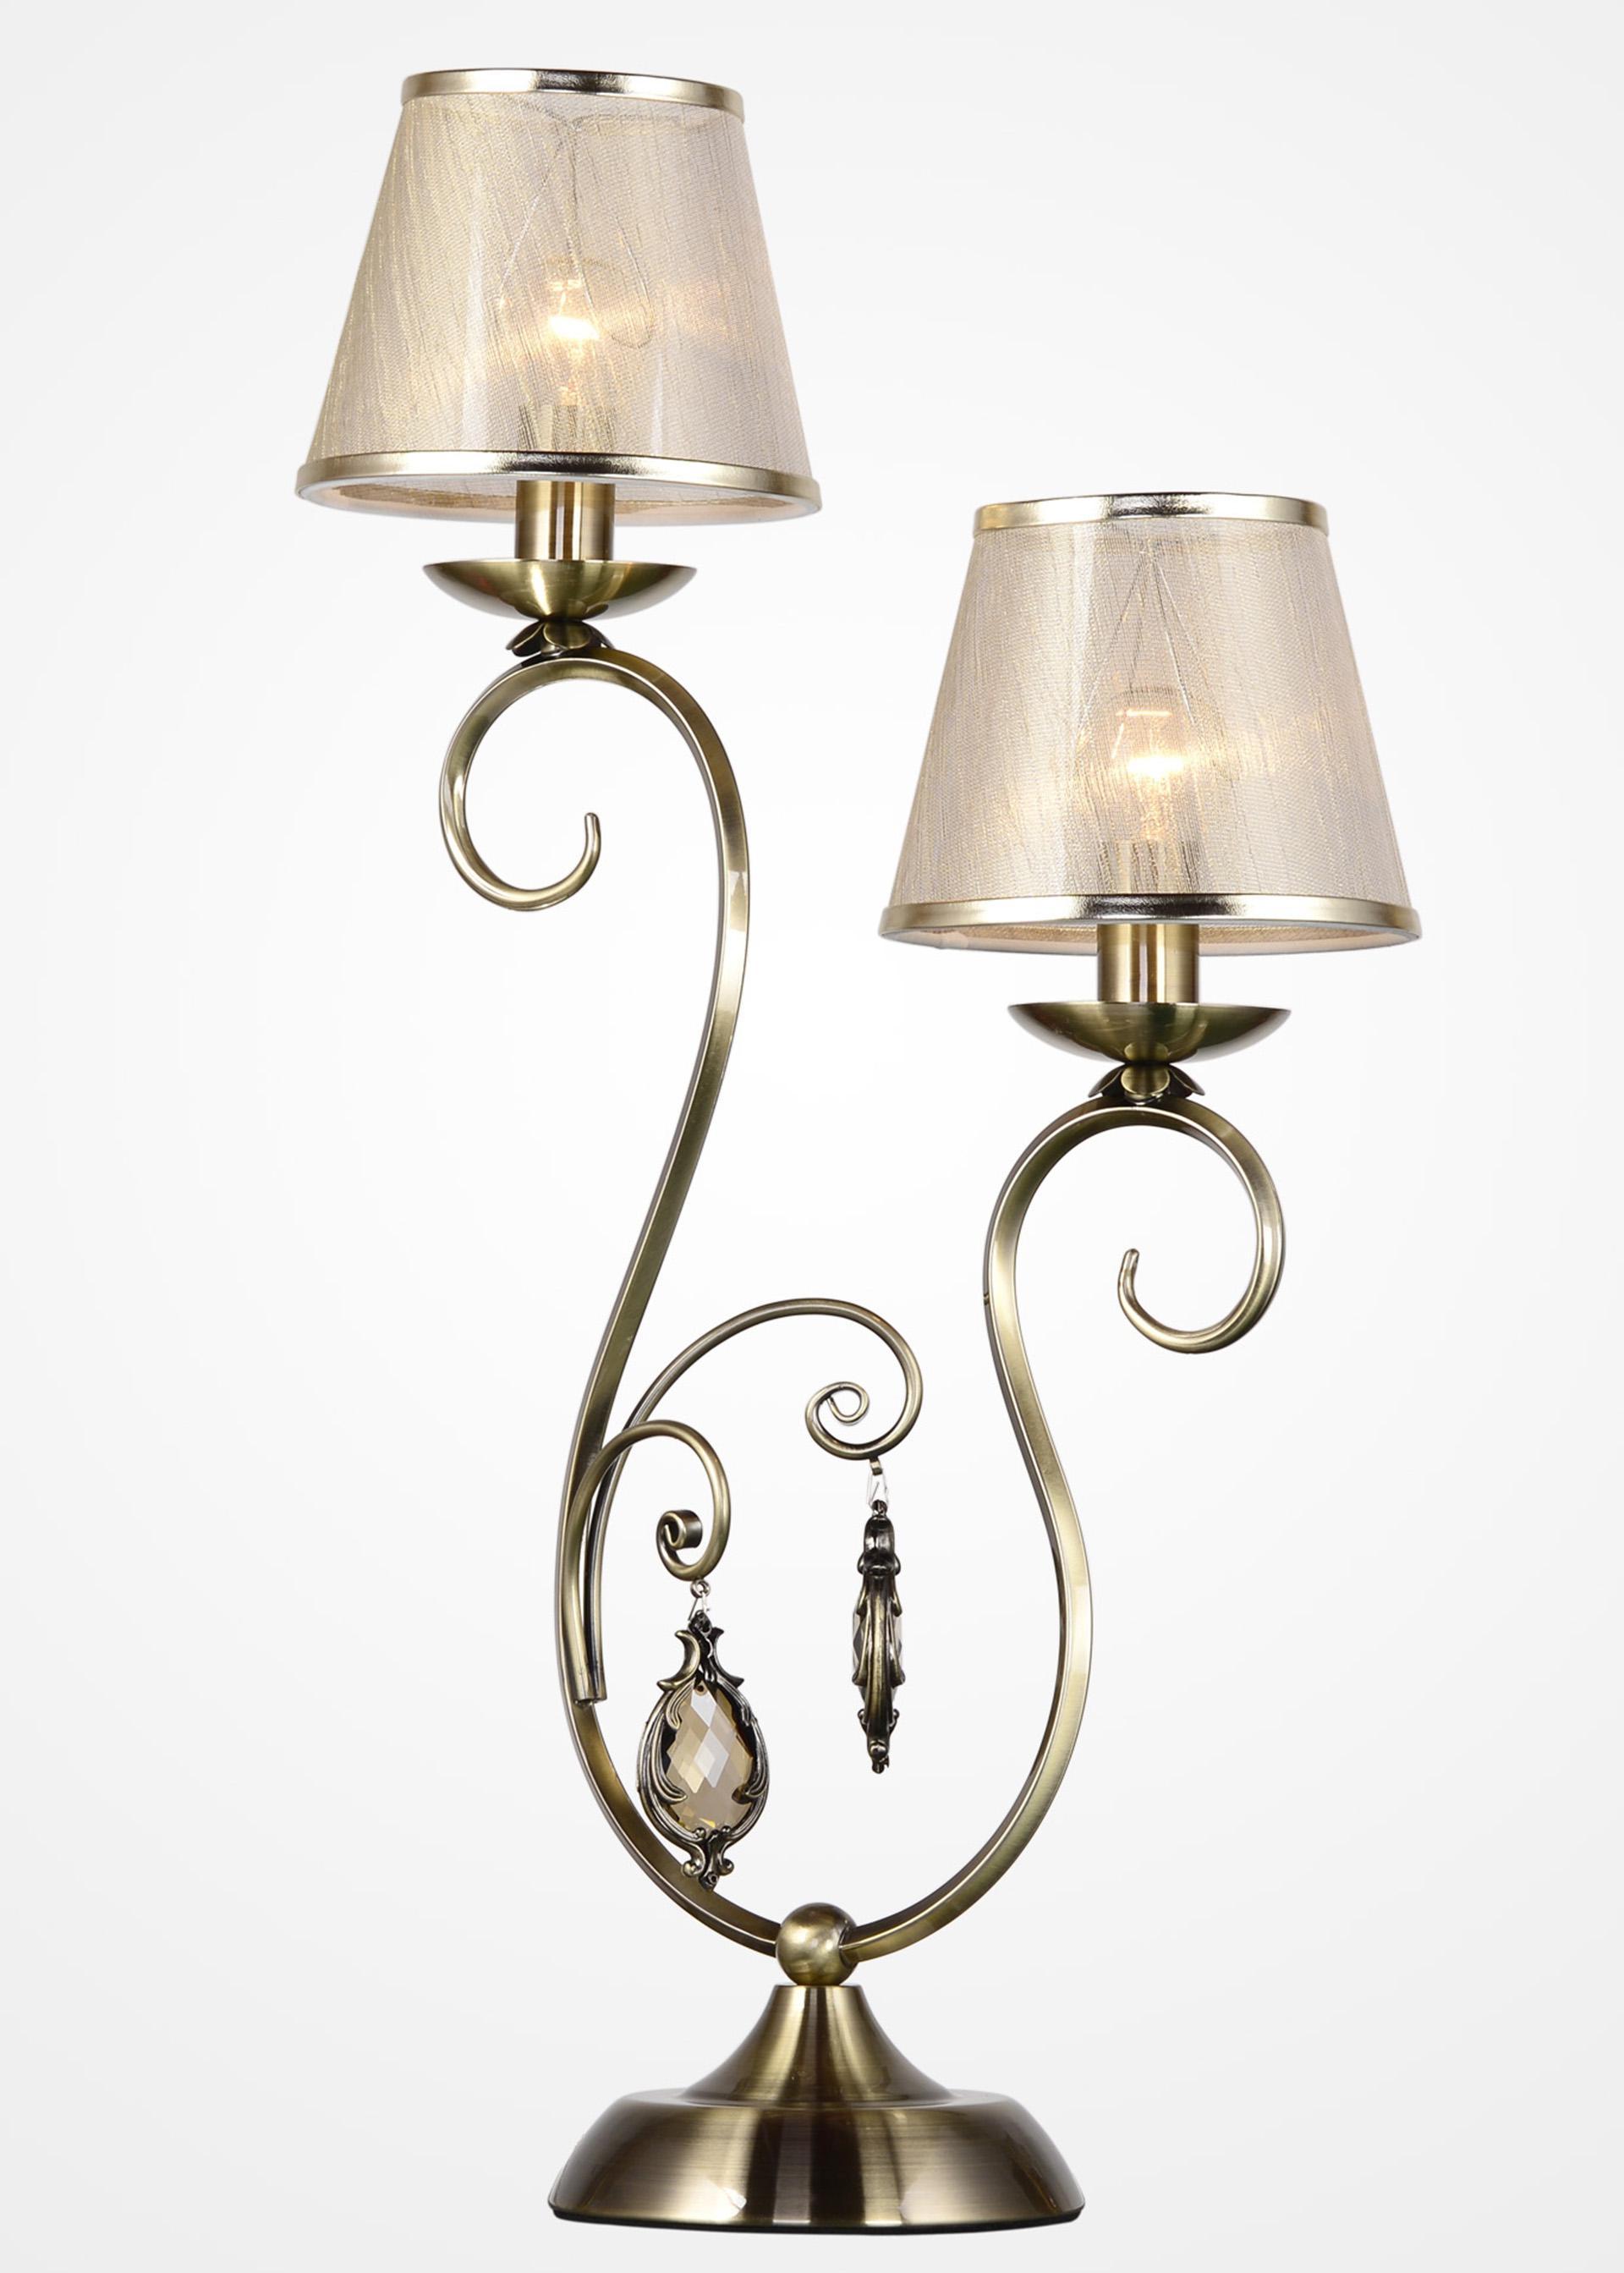 Лампа настольная Rivoli Molto t2 ab tatanice t2 напольного светильник фары рыболовной лампы третьих передач зумирование ночного дом зарядки лампа лампа прожектор